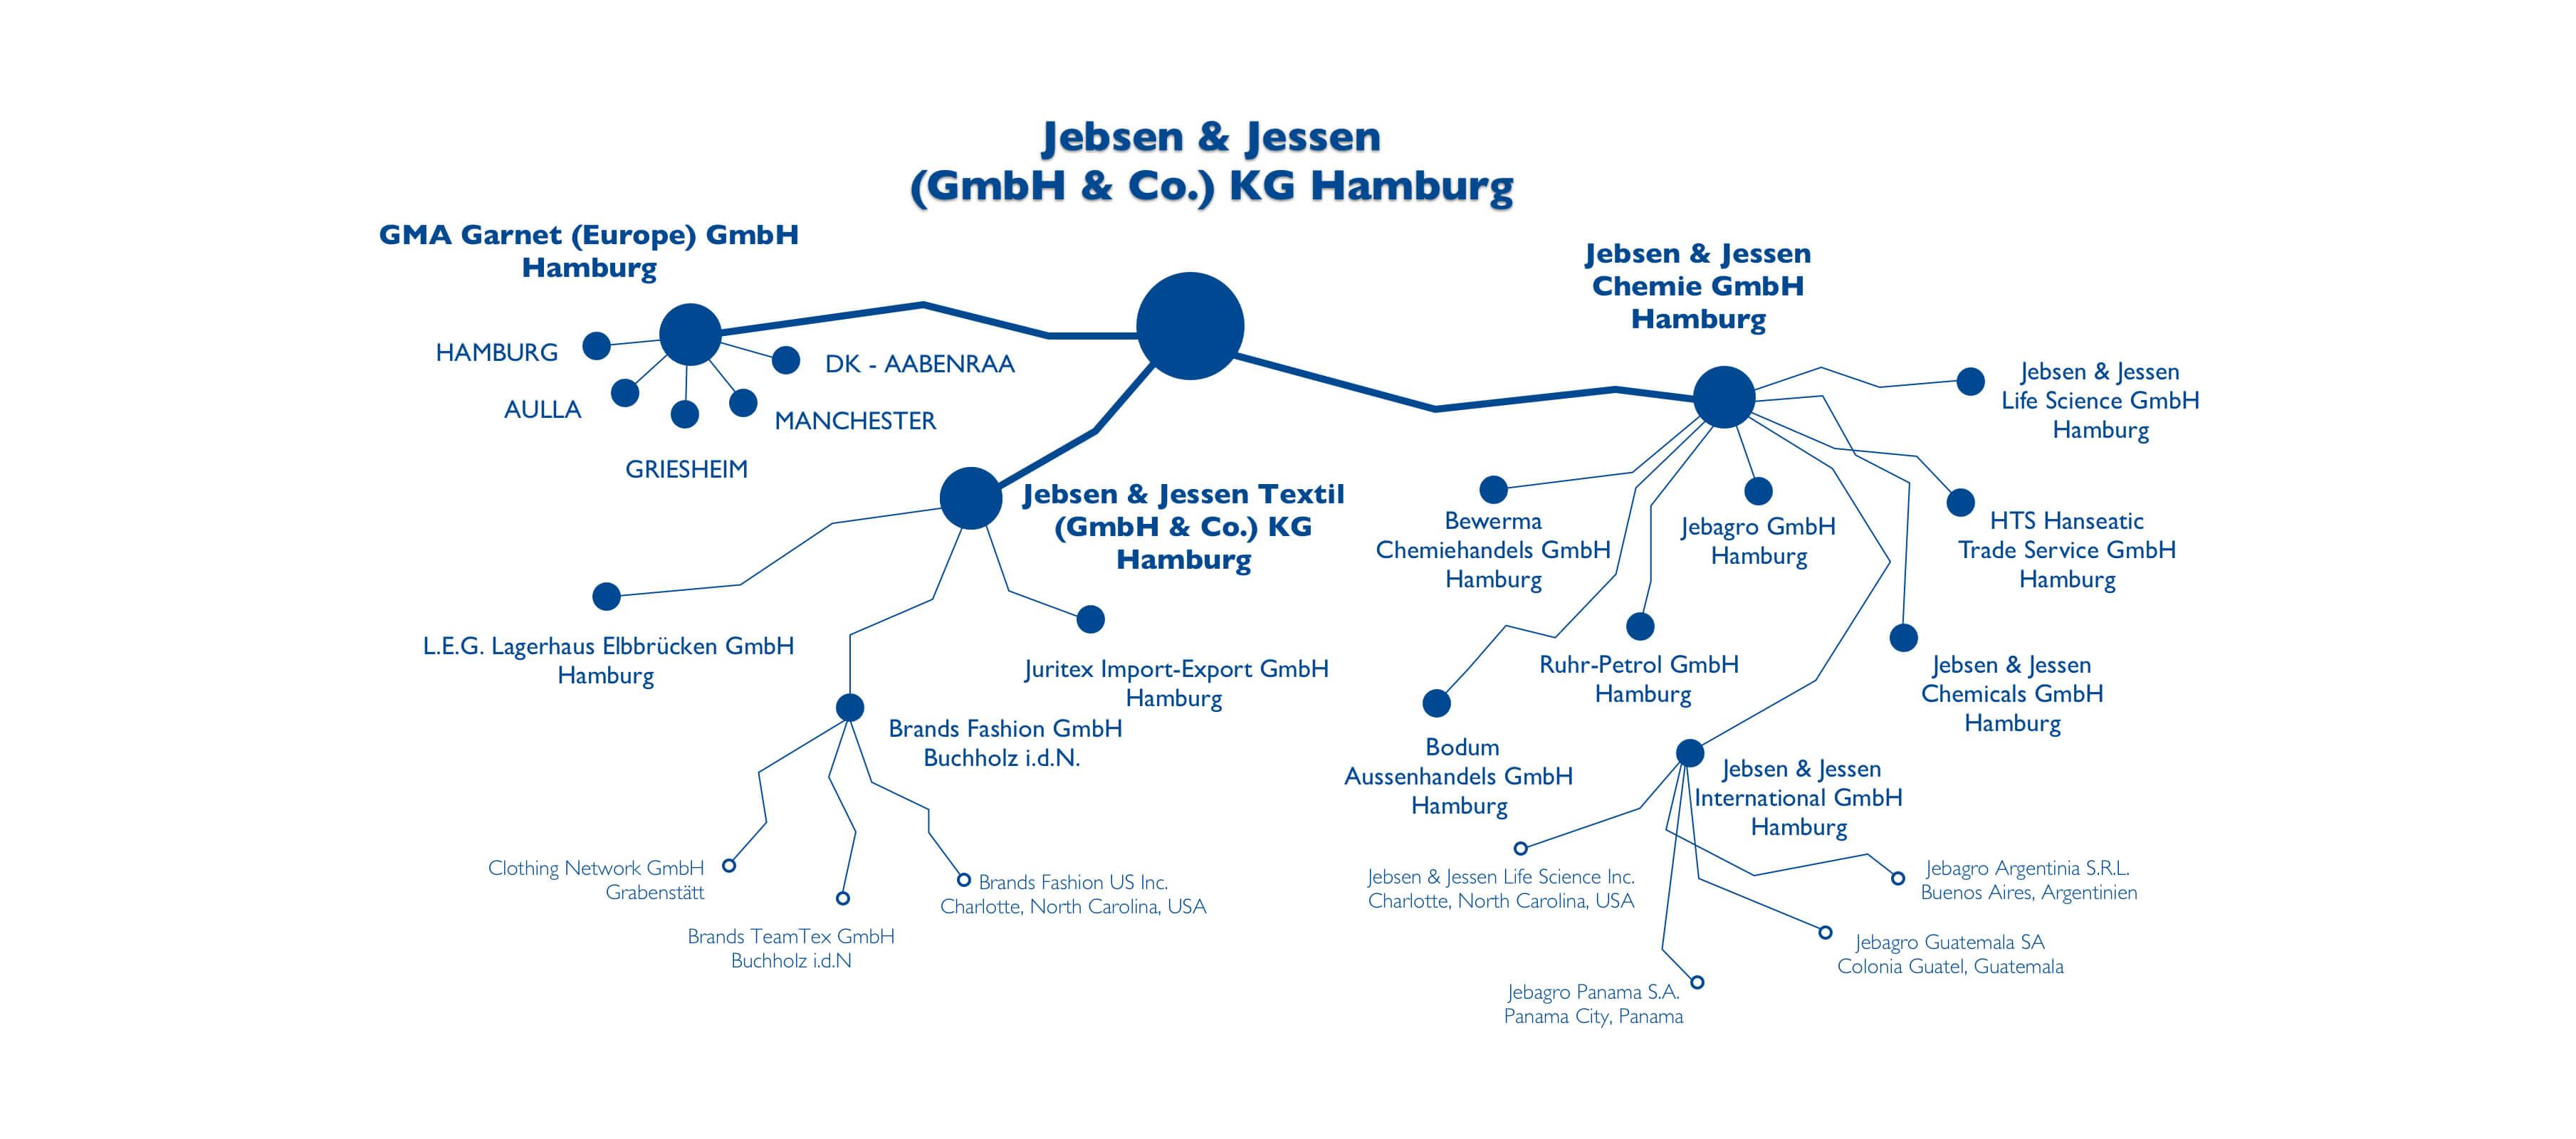 Chemiehandel Jebsen & Jessen, Organigram Desktop